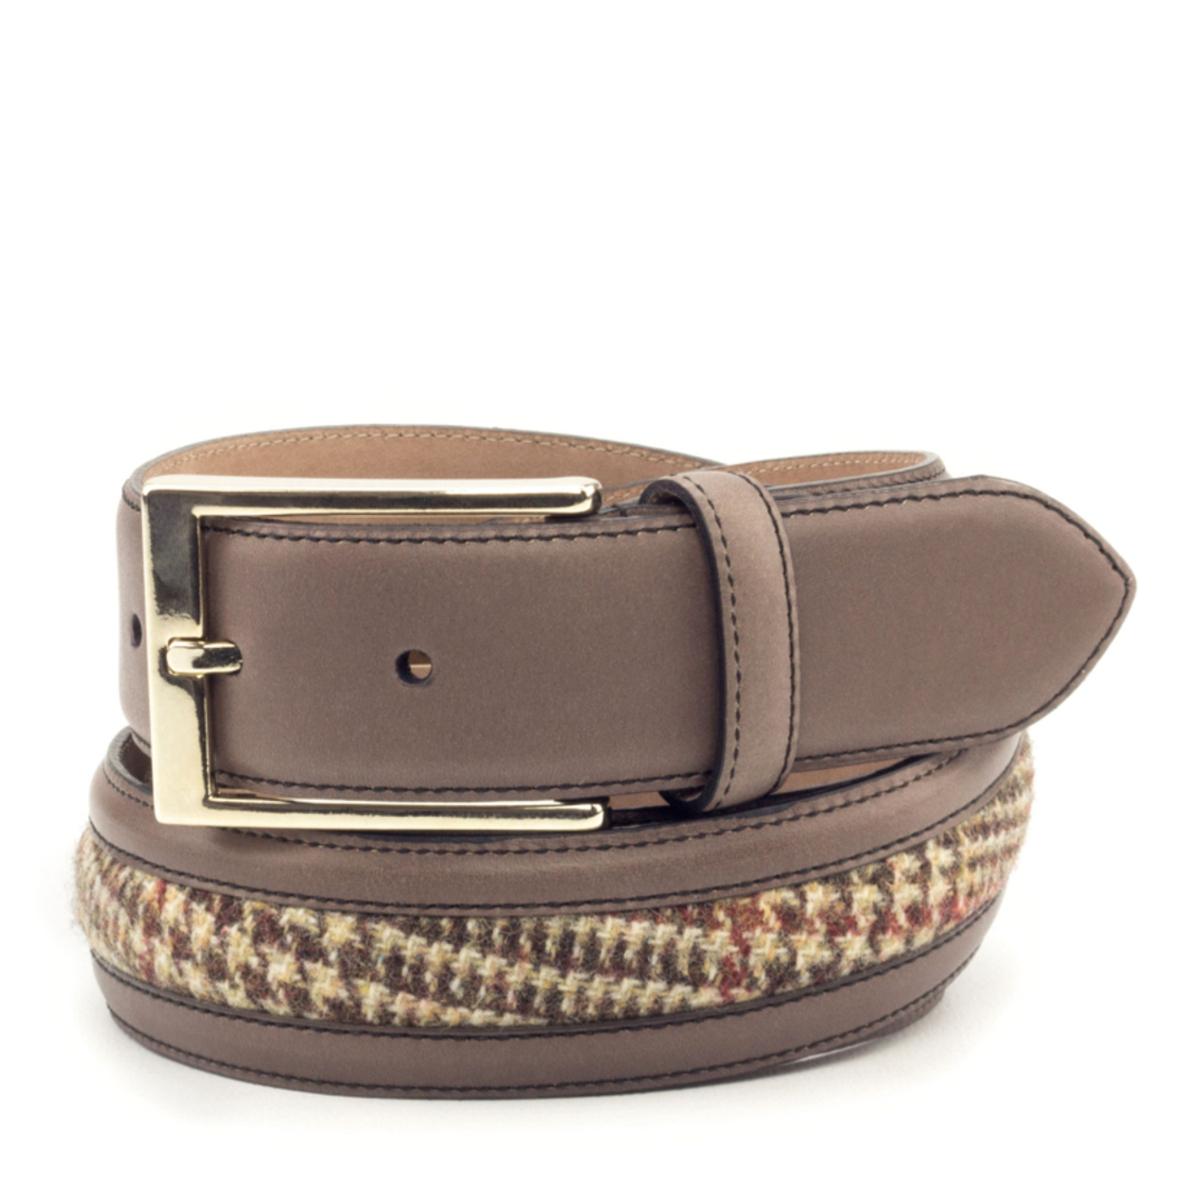 cinturon-para-hombre-boxcalf-marron-y-tweed-VERGARA-CAMBRILLON